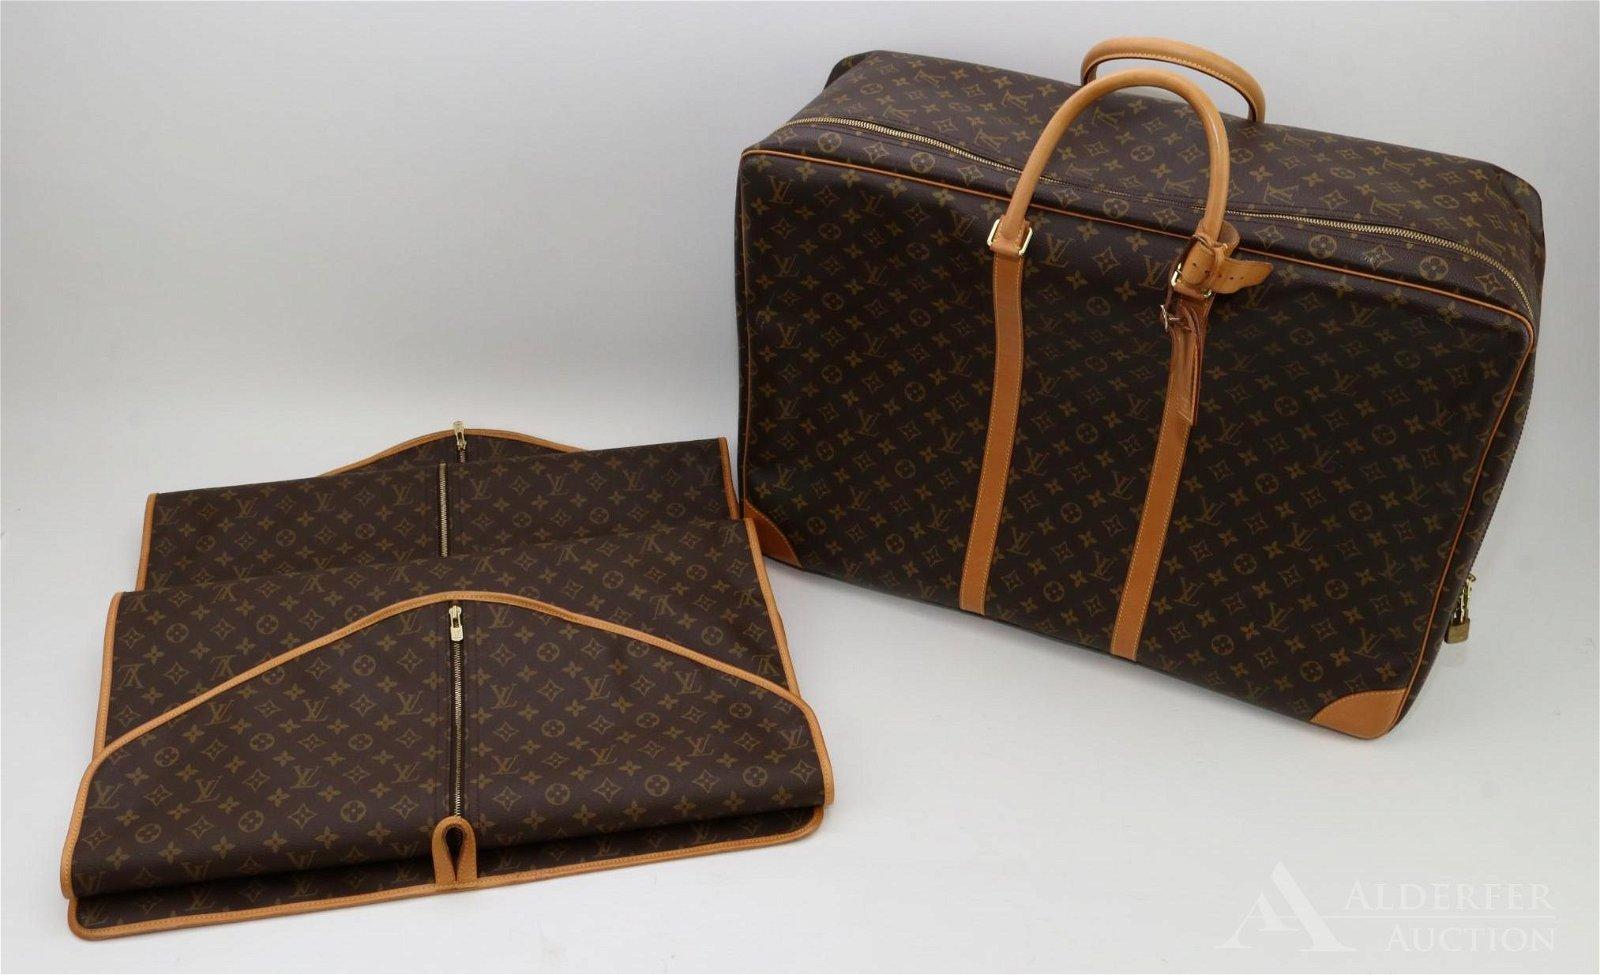 Louis Vuitton Monogram Suitcase & Garment Bags